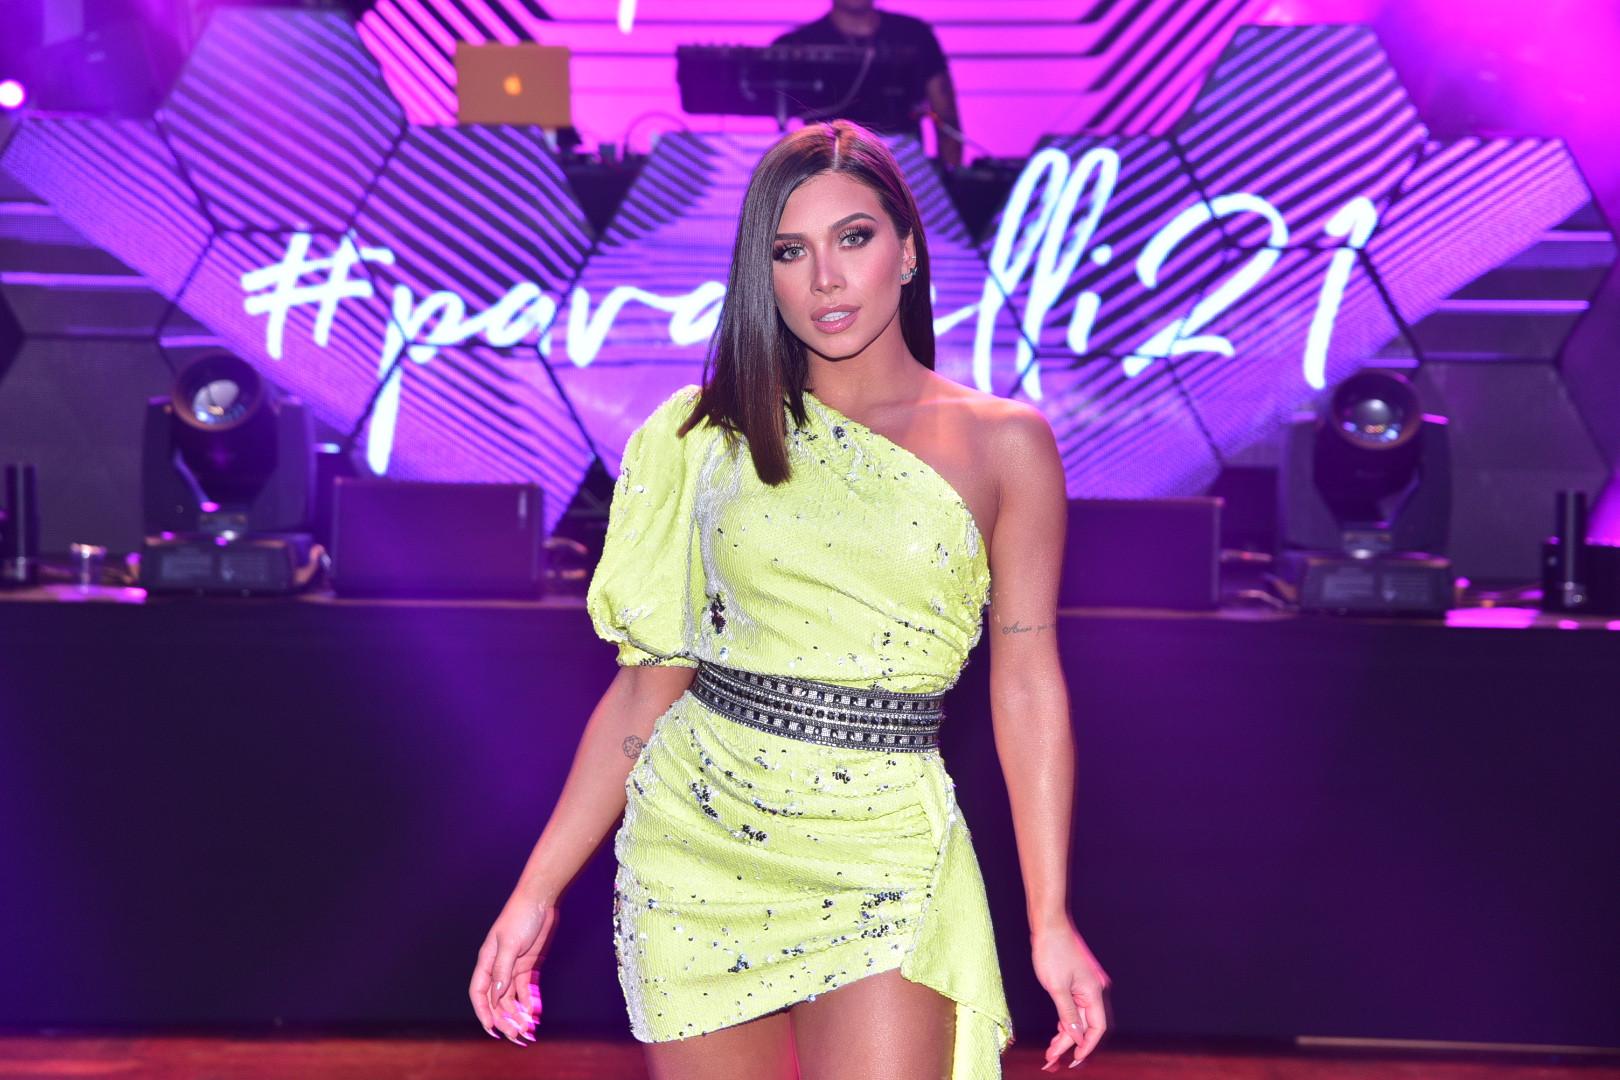 Flávia Pavanelli comemora 21 anos com festa de R$ 1 milhão